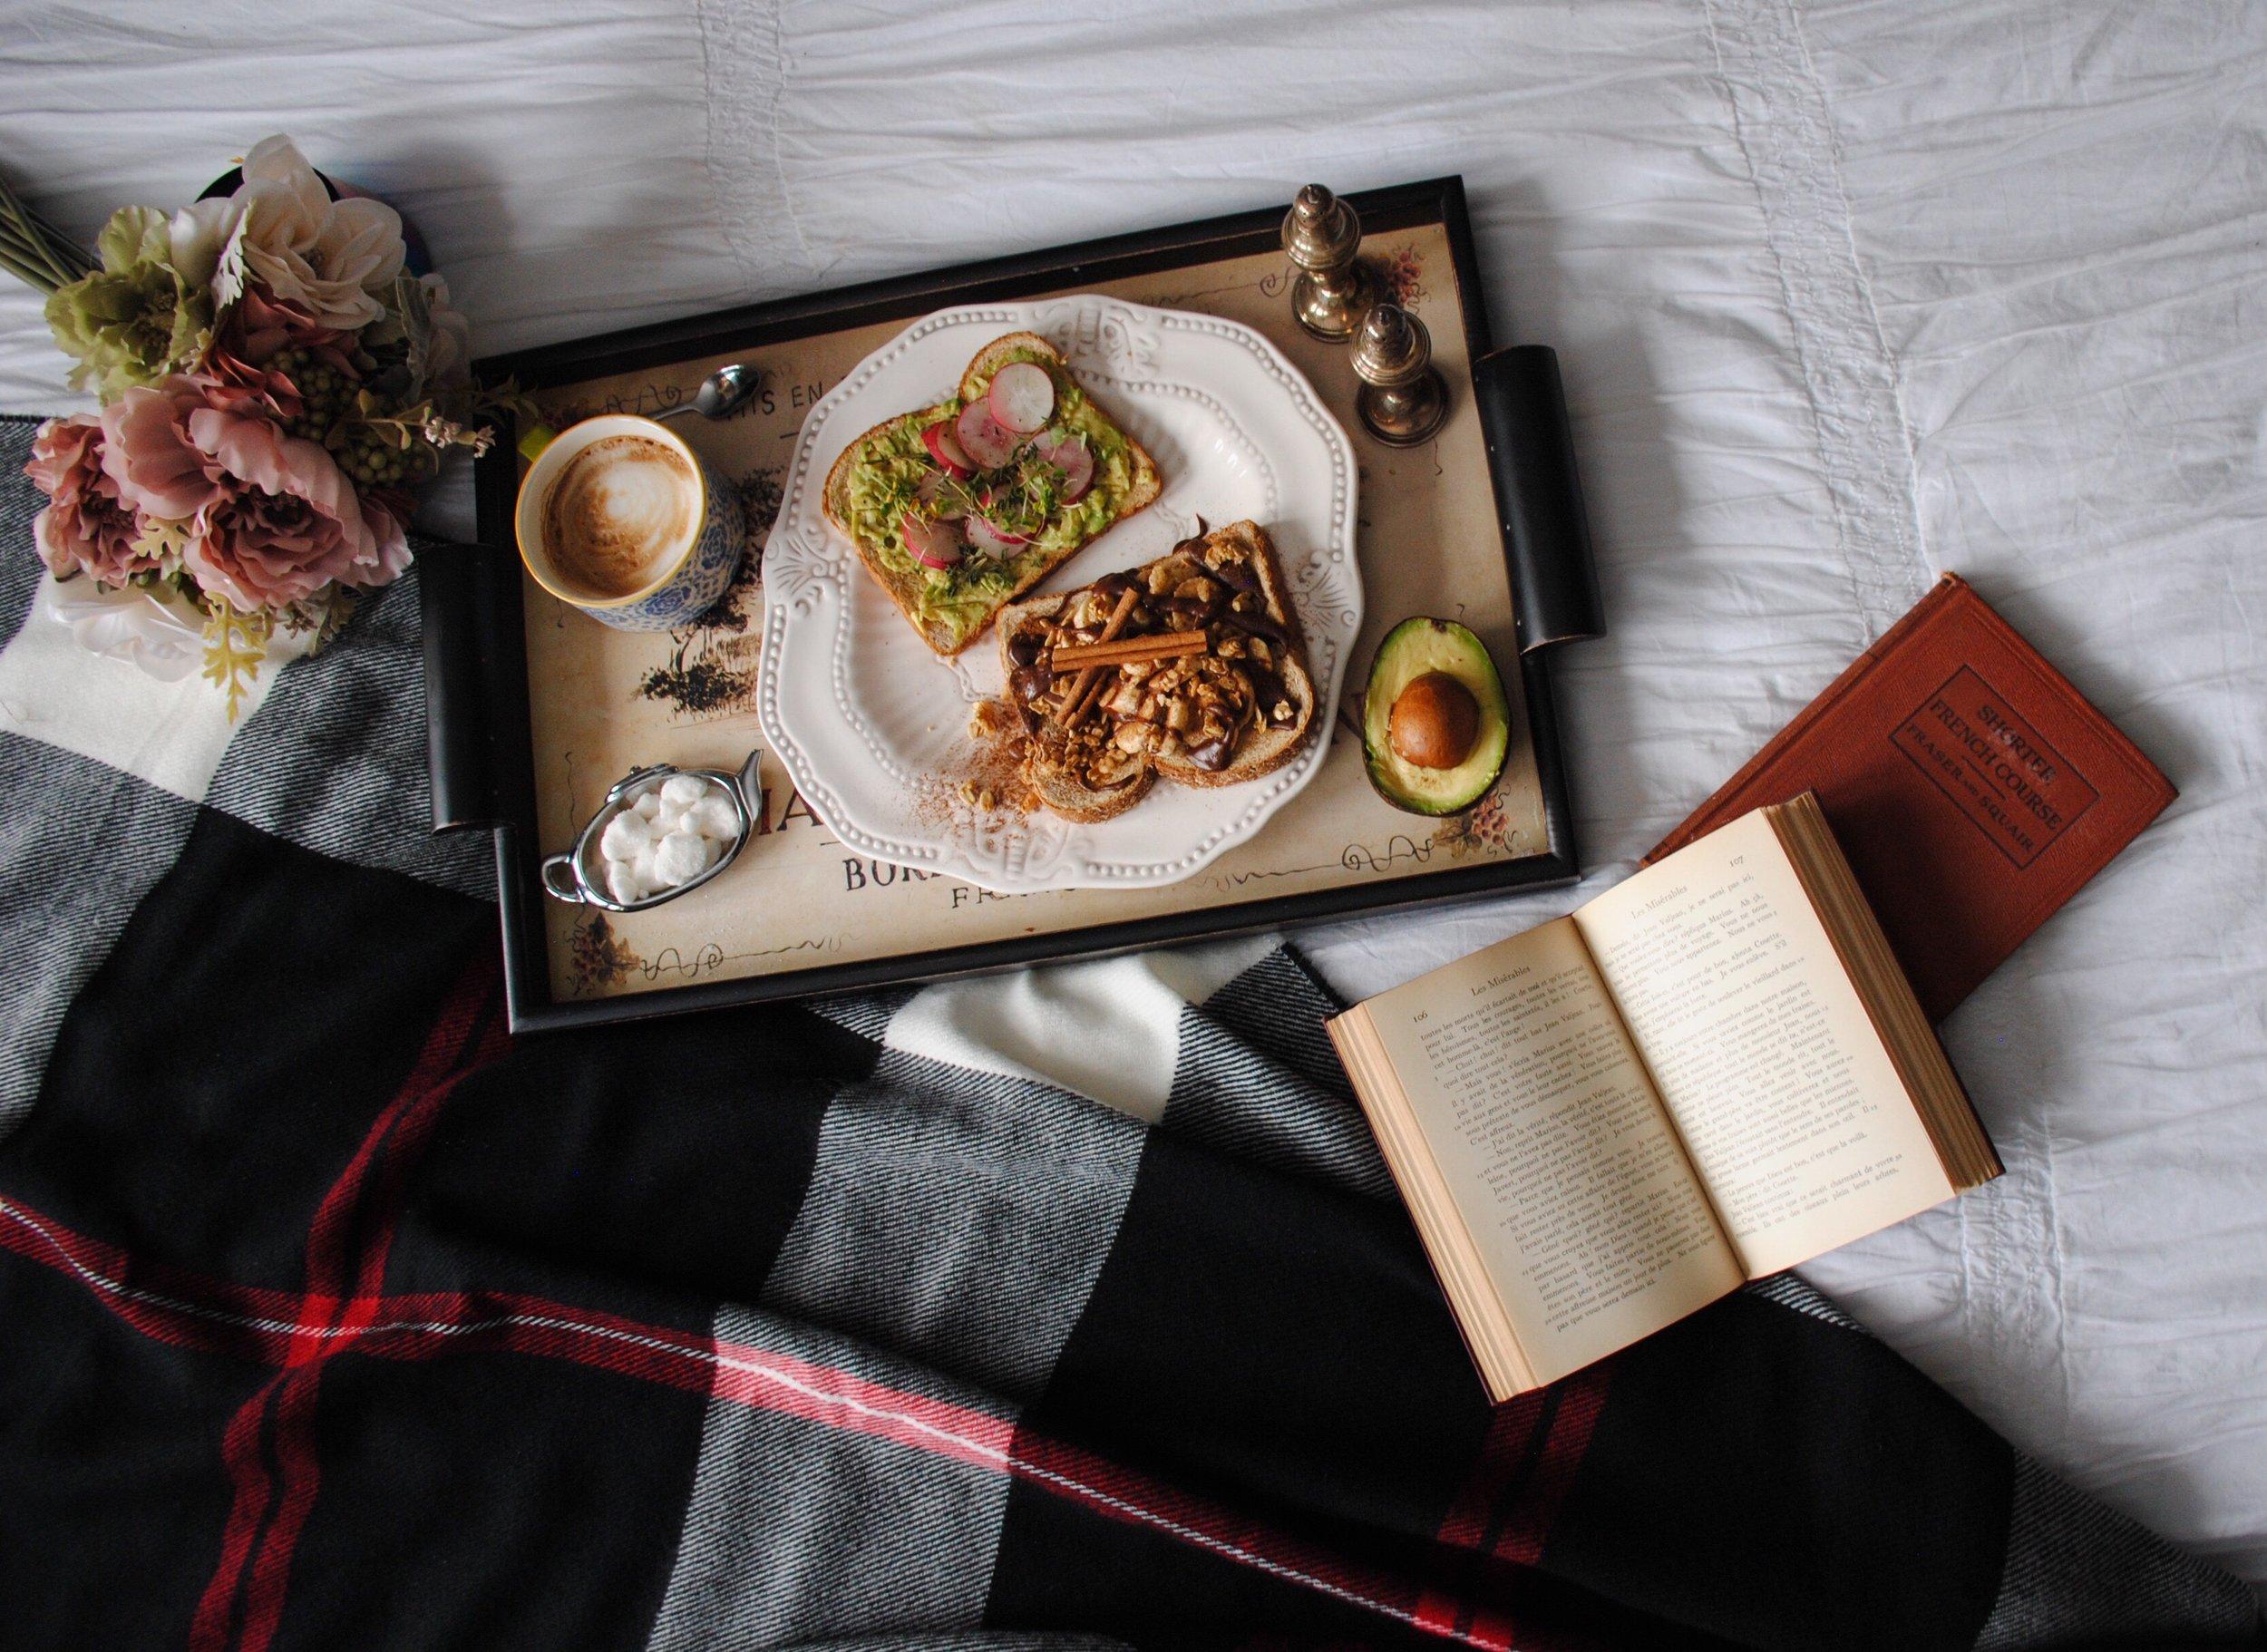 uwm.avocado.mattress.toast.spacation.elora-allen-515983-unsplash.jpg